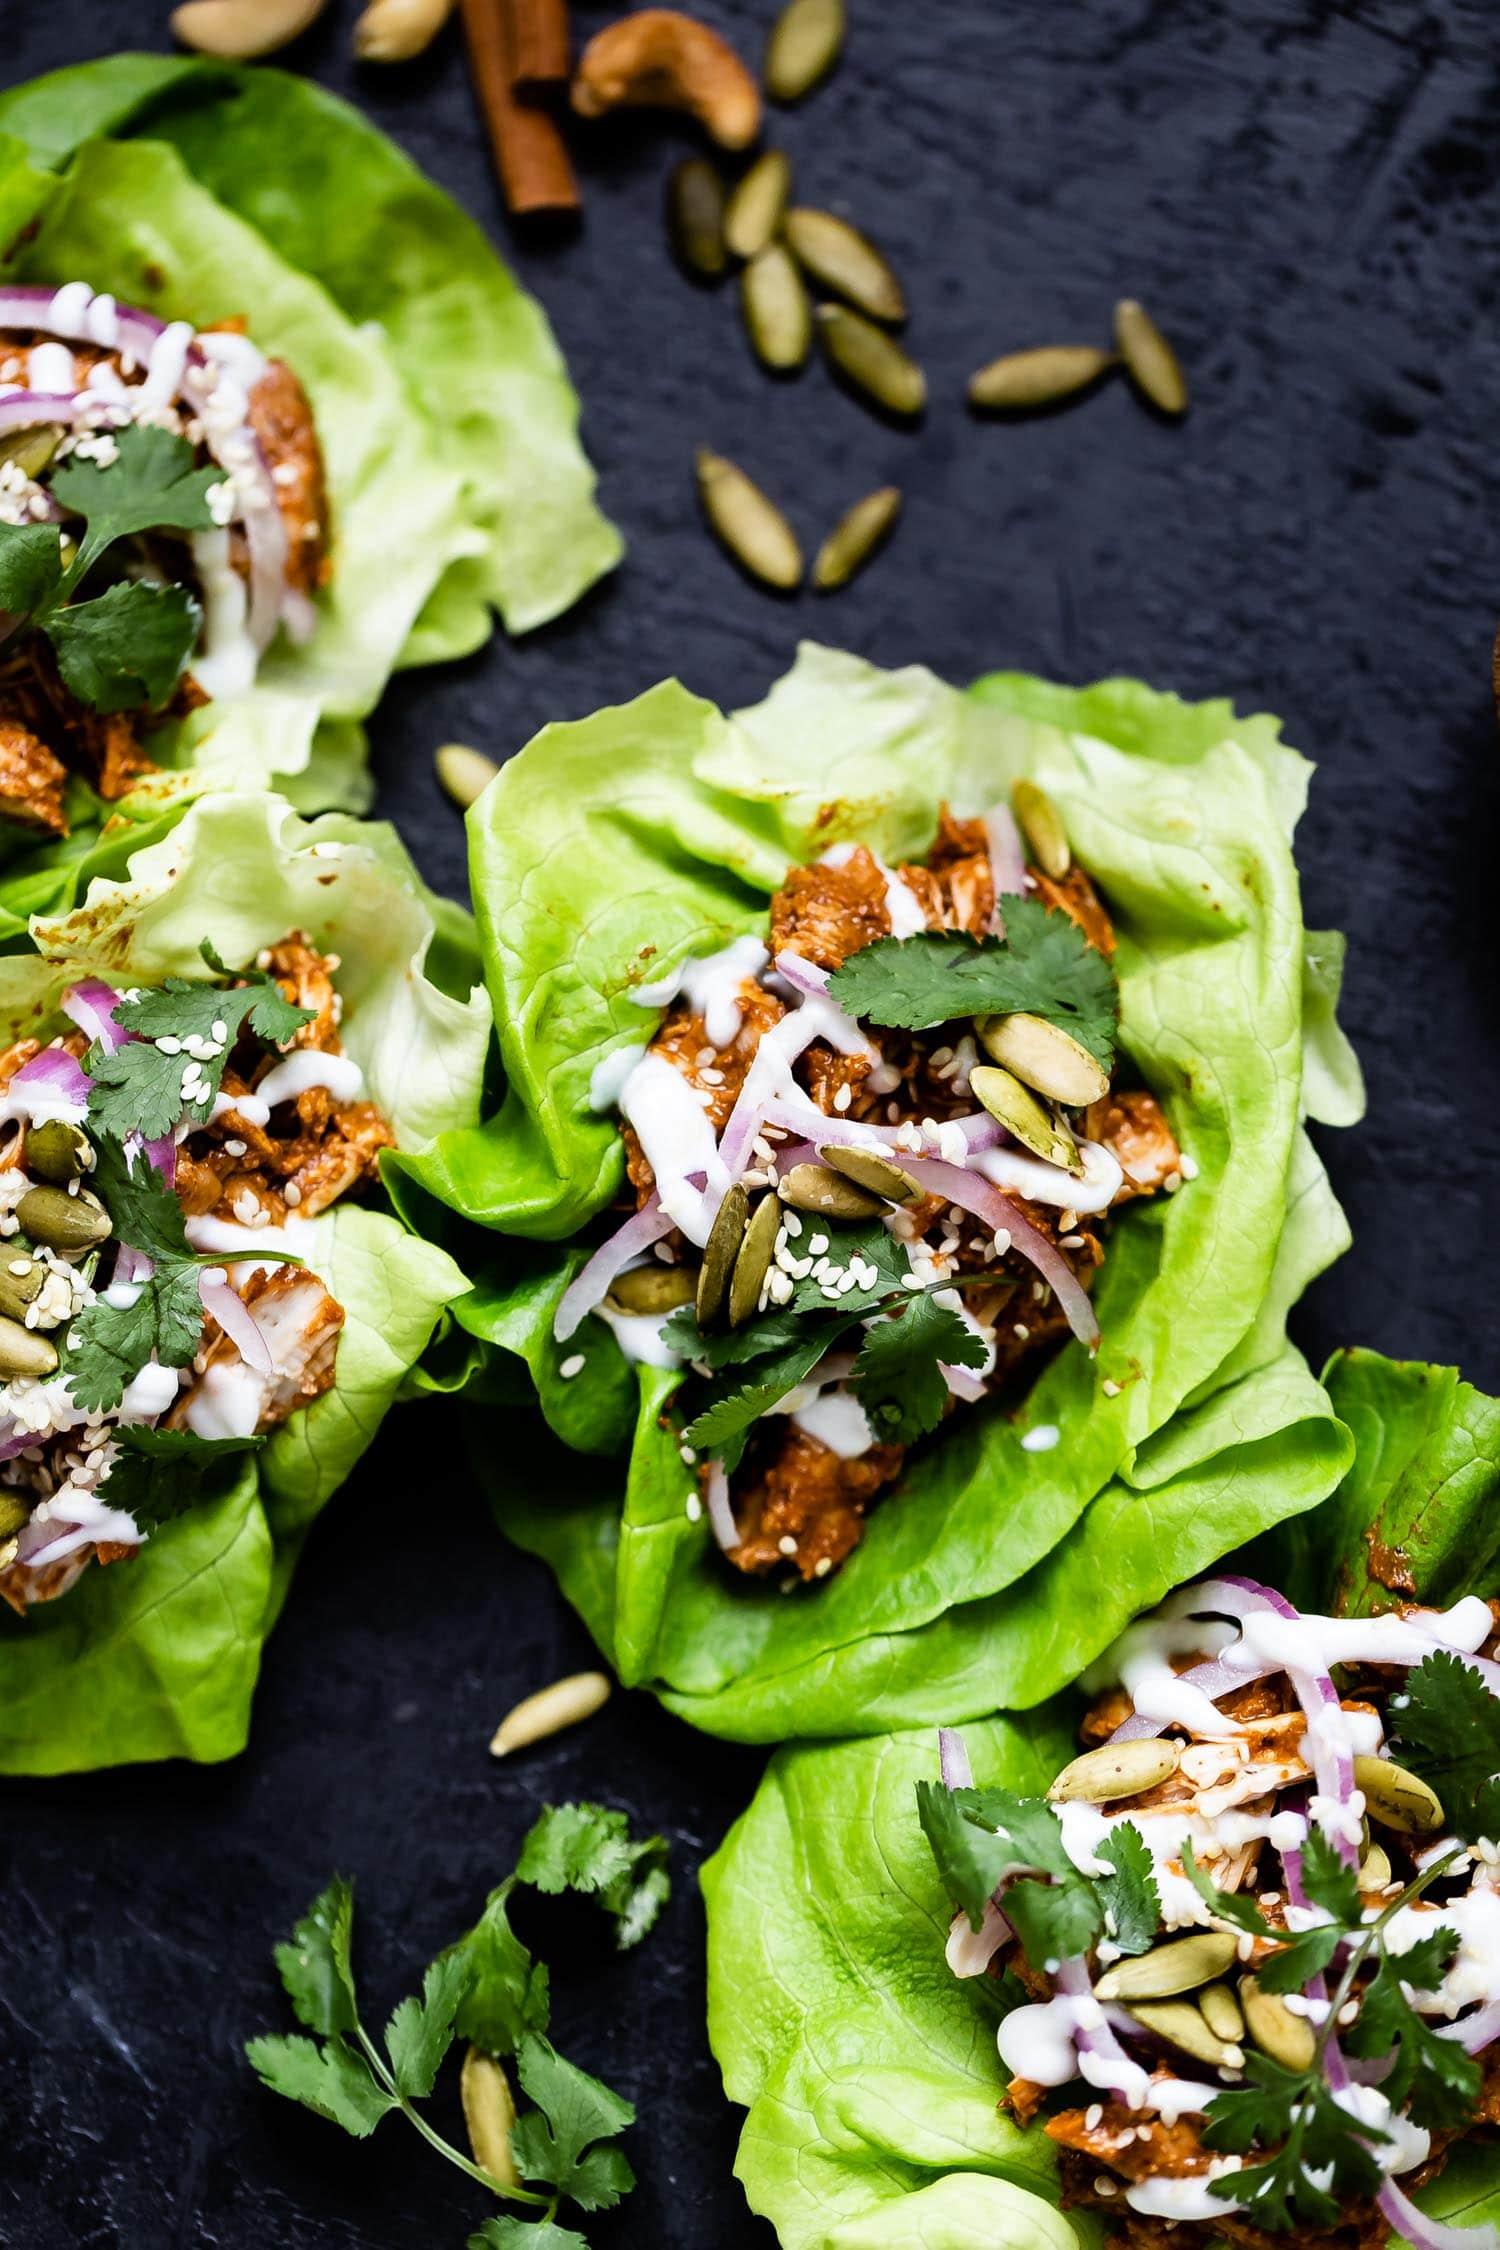 instant pot chicken mole tacos on lettuce